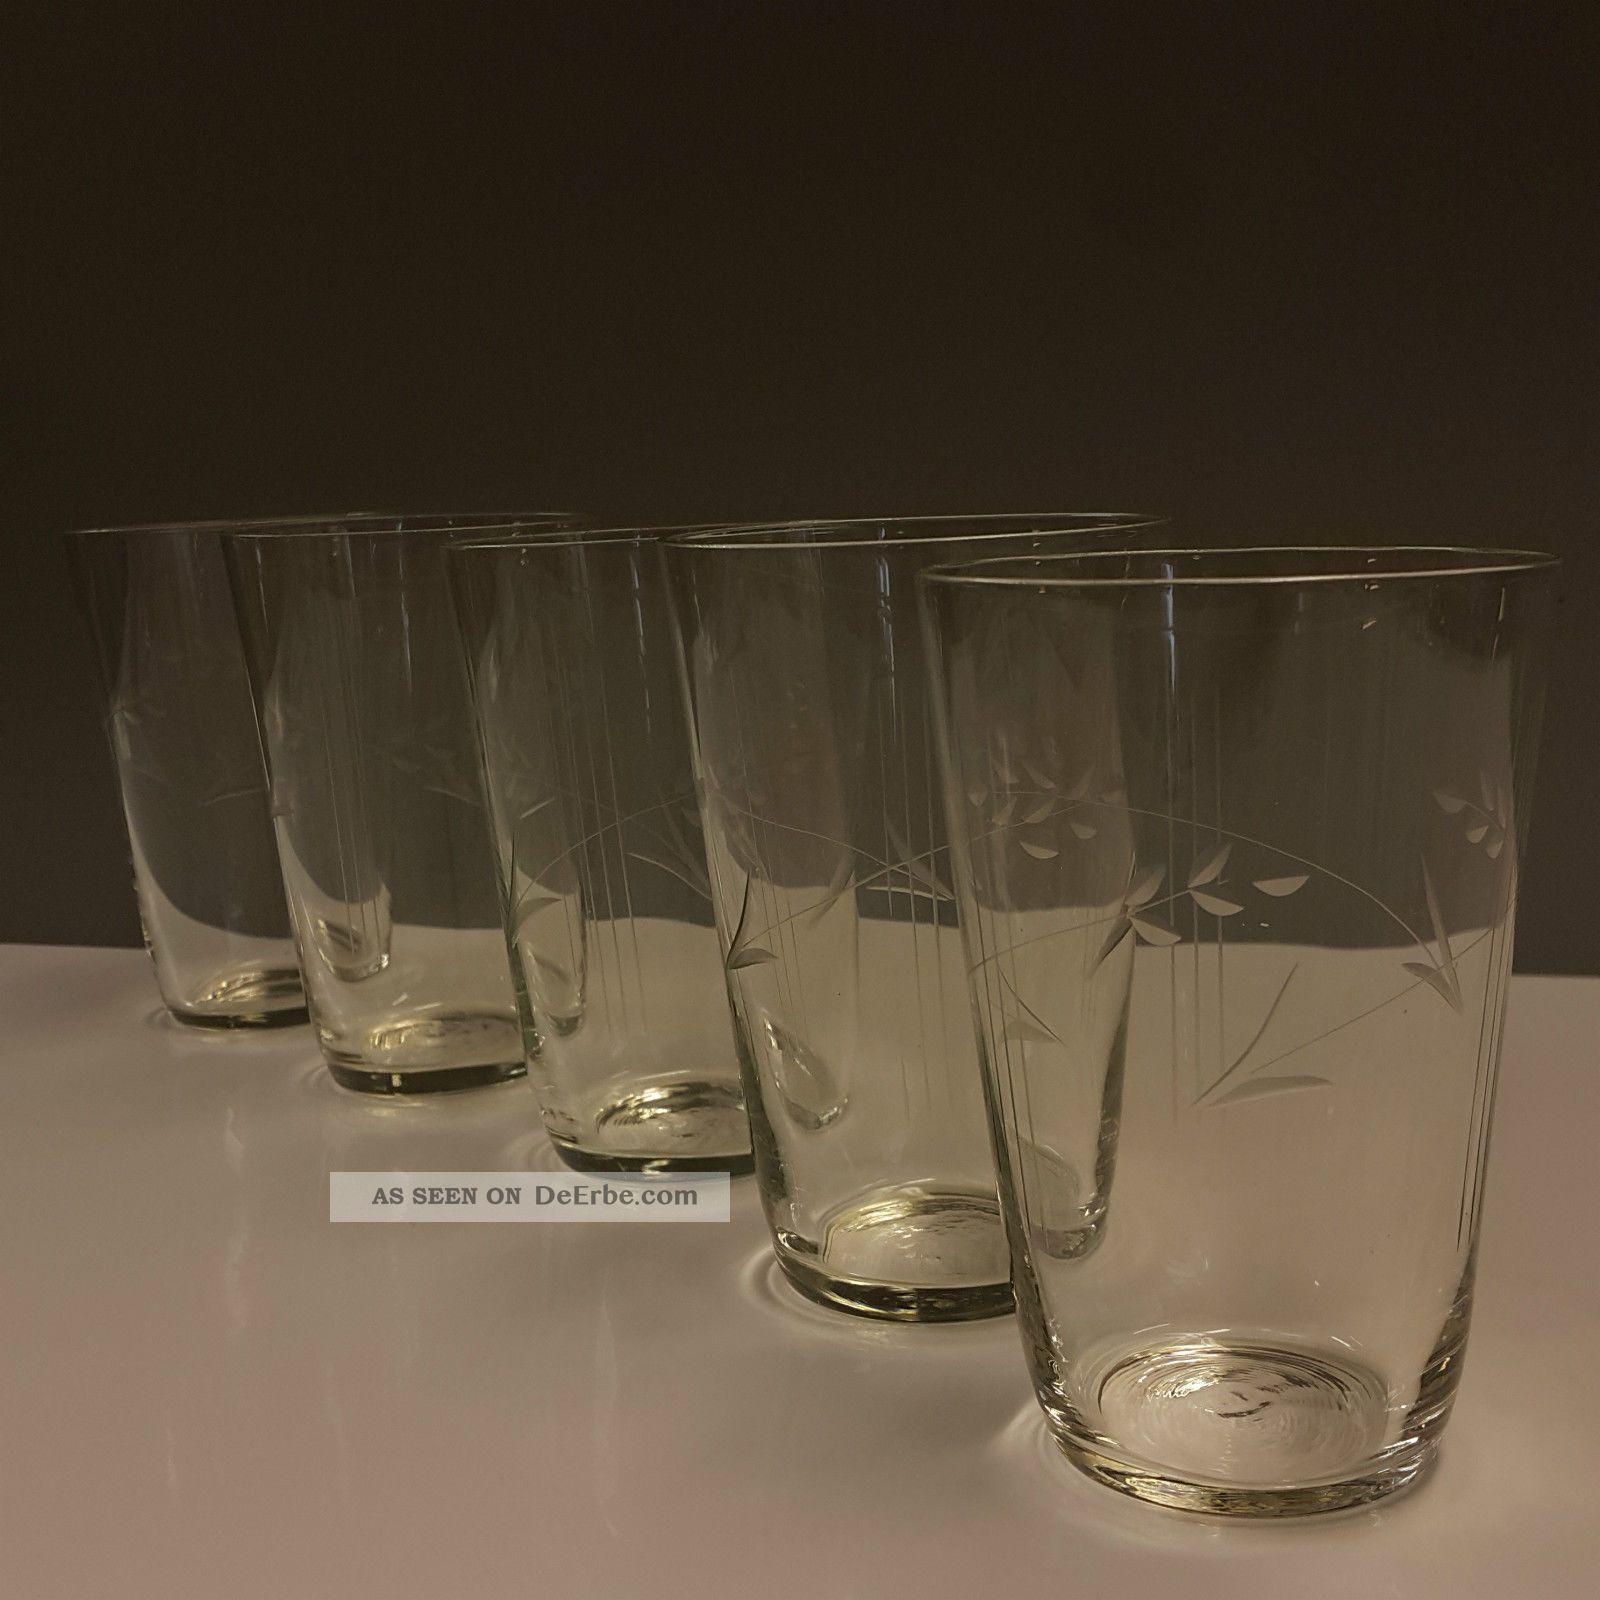 5 Alte Wassergläser Saftgläser Dünnwandig Feiner Streifen Blütenstengel Schliff Kristall Bild